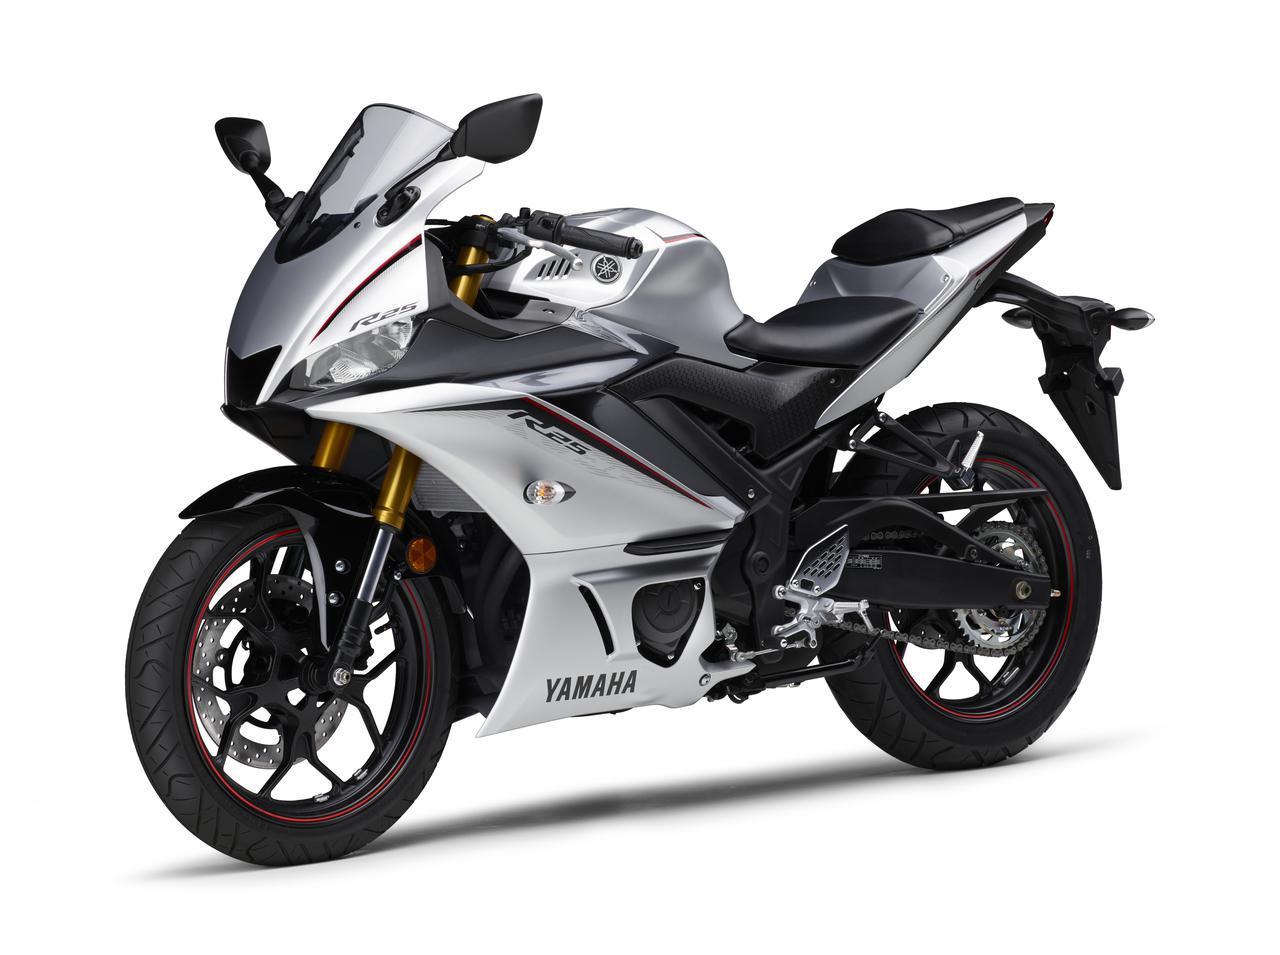 画像34: ヤマハ「YZF-R25/ABS」「YZF-R3 ABS」の2020年モデルが2月14日(金)発売! 3色展開で、すべてニューカラー!